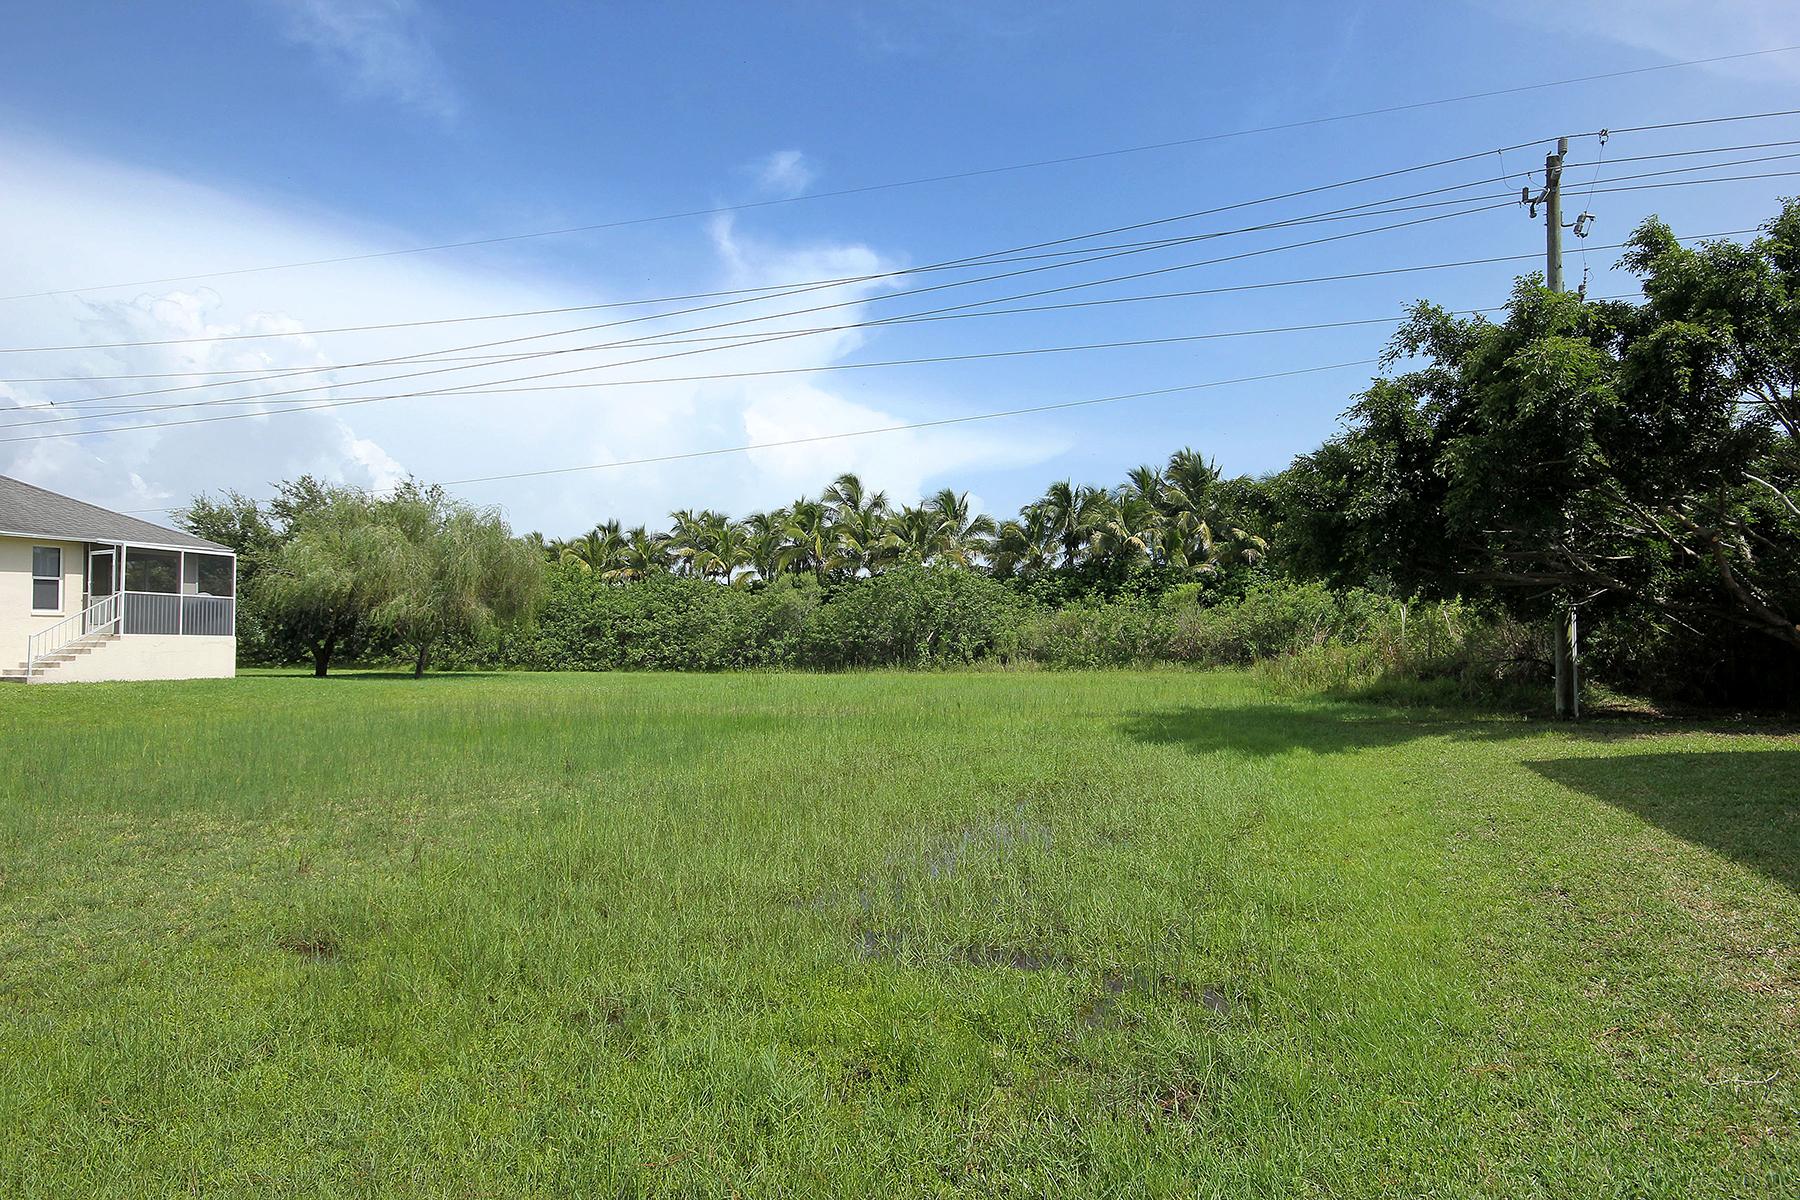 Arazi için Satış at WOODGATE ESTATES 8831 Woodgate Dr Fort Myers, Florida, 33908 Amerika Birleşik Devletleri